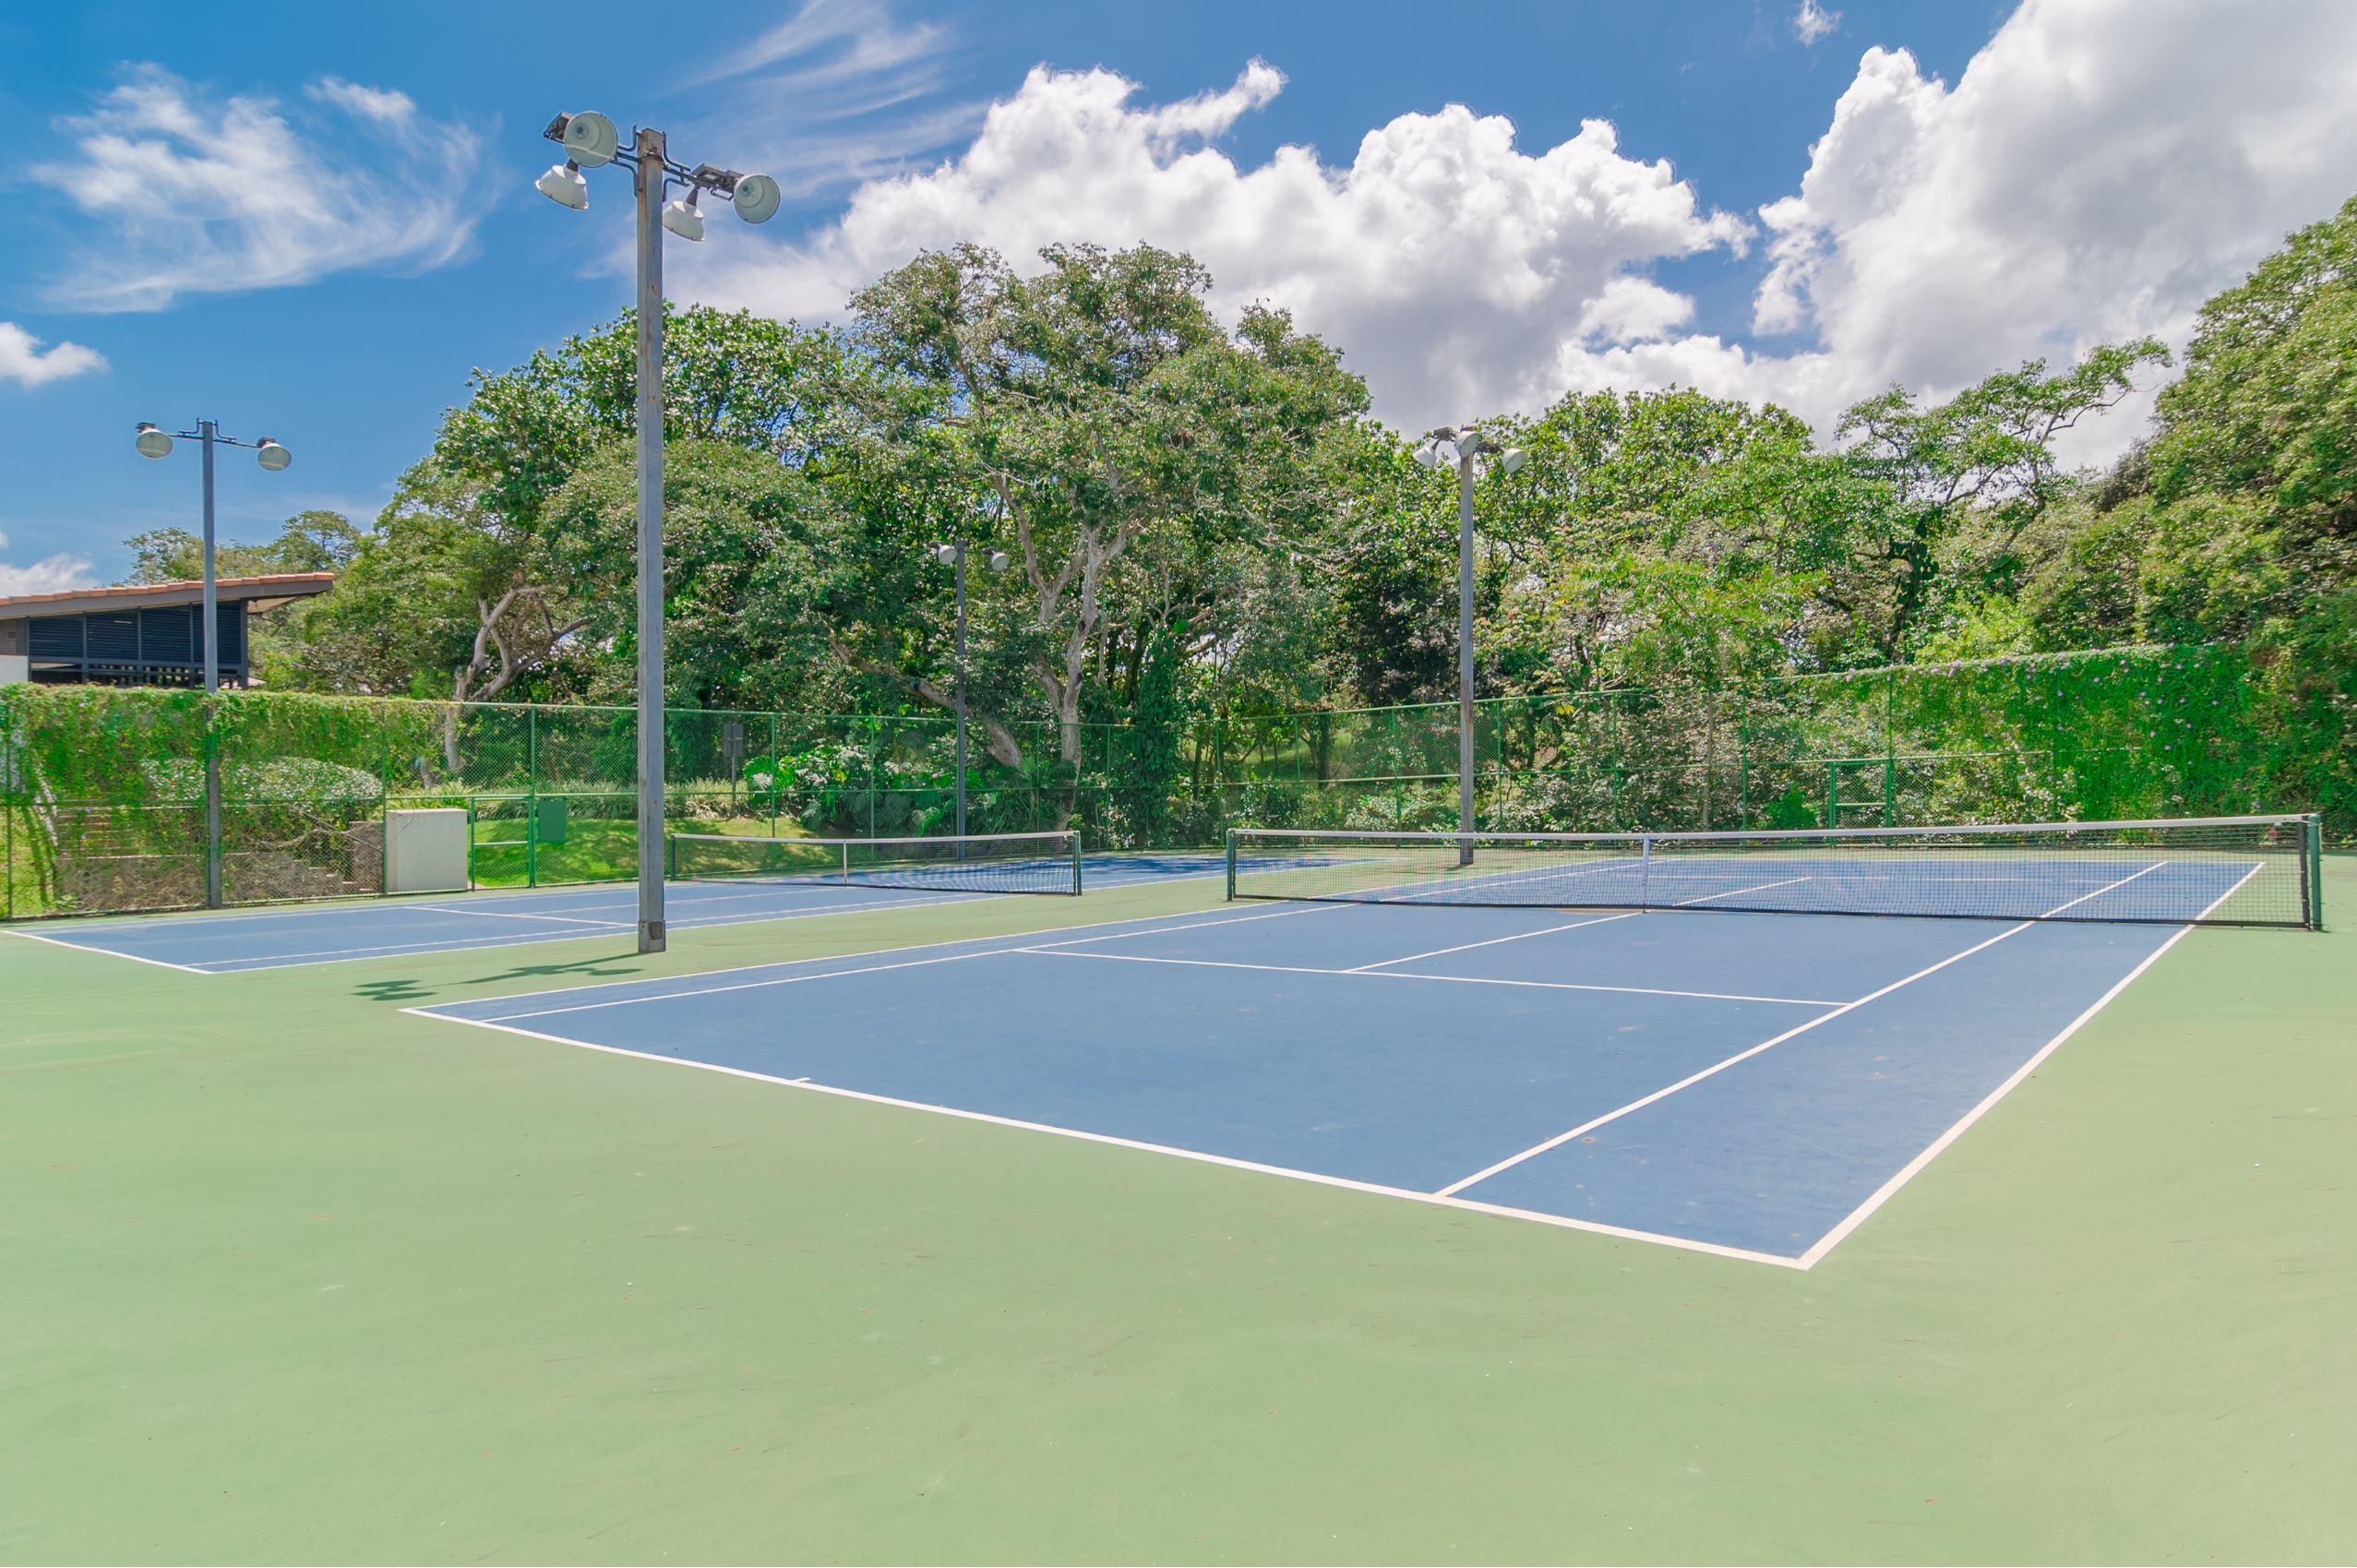 Canchas de Tennis Espavel